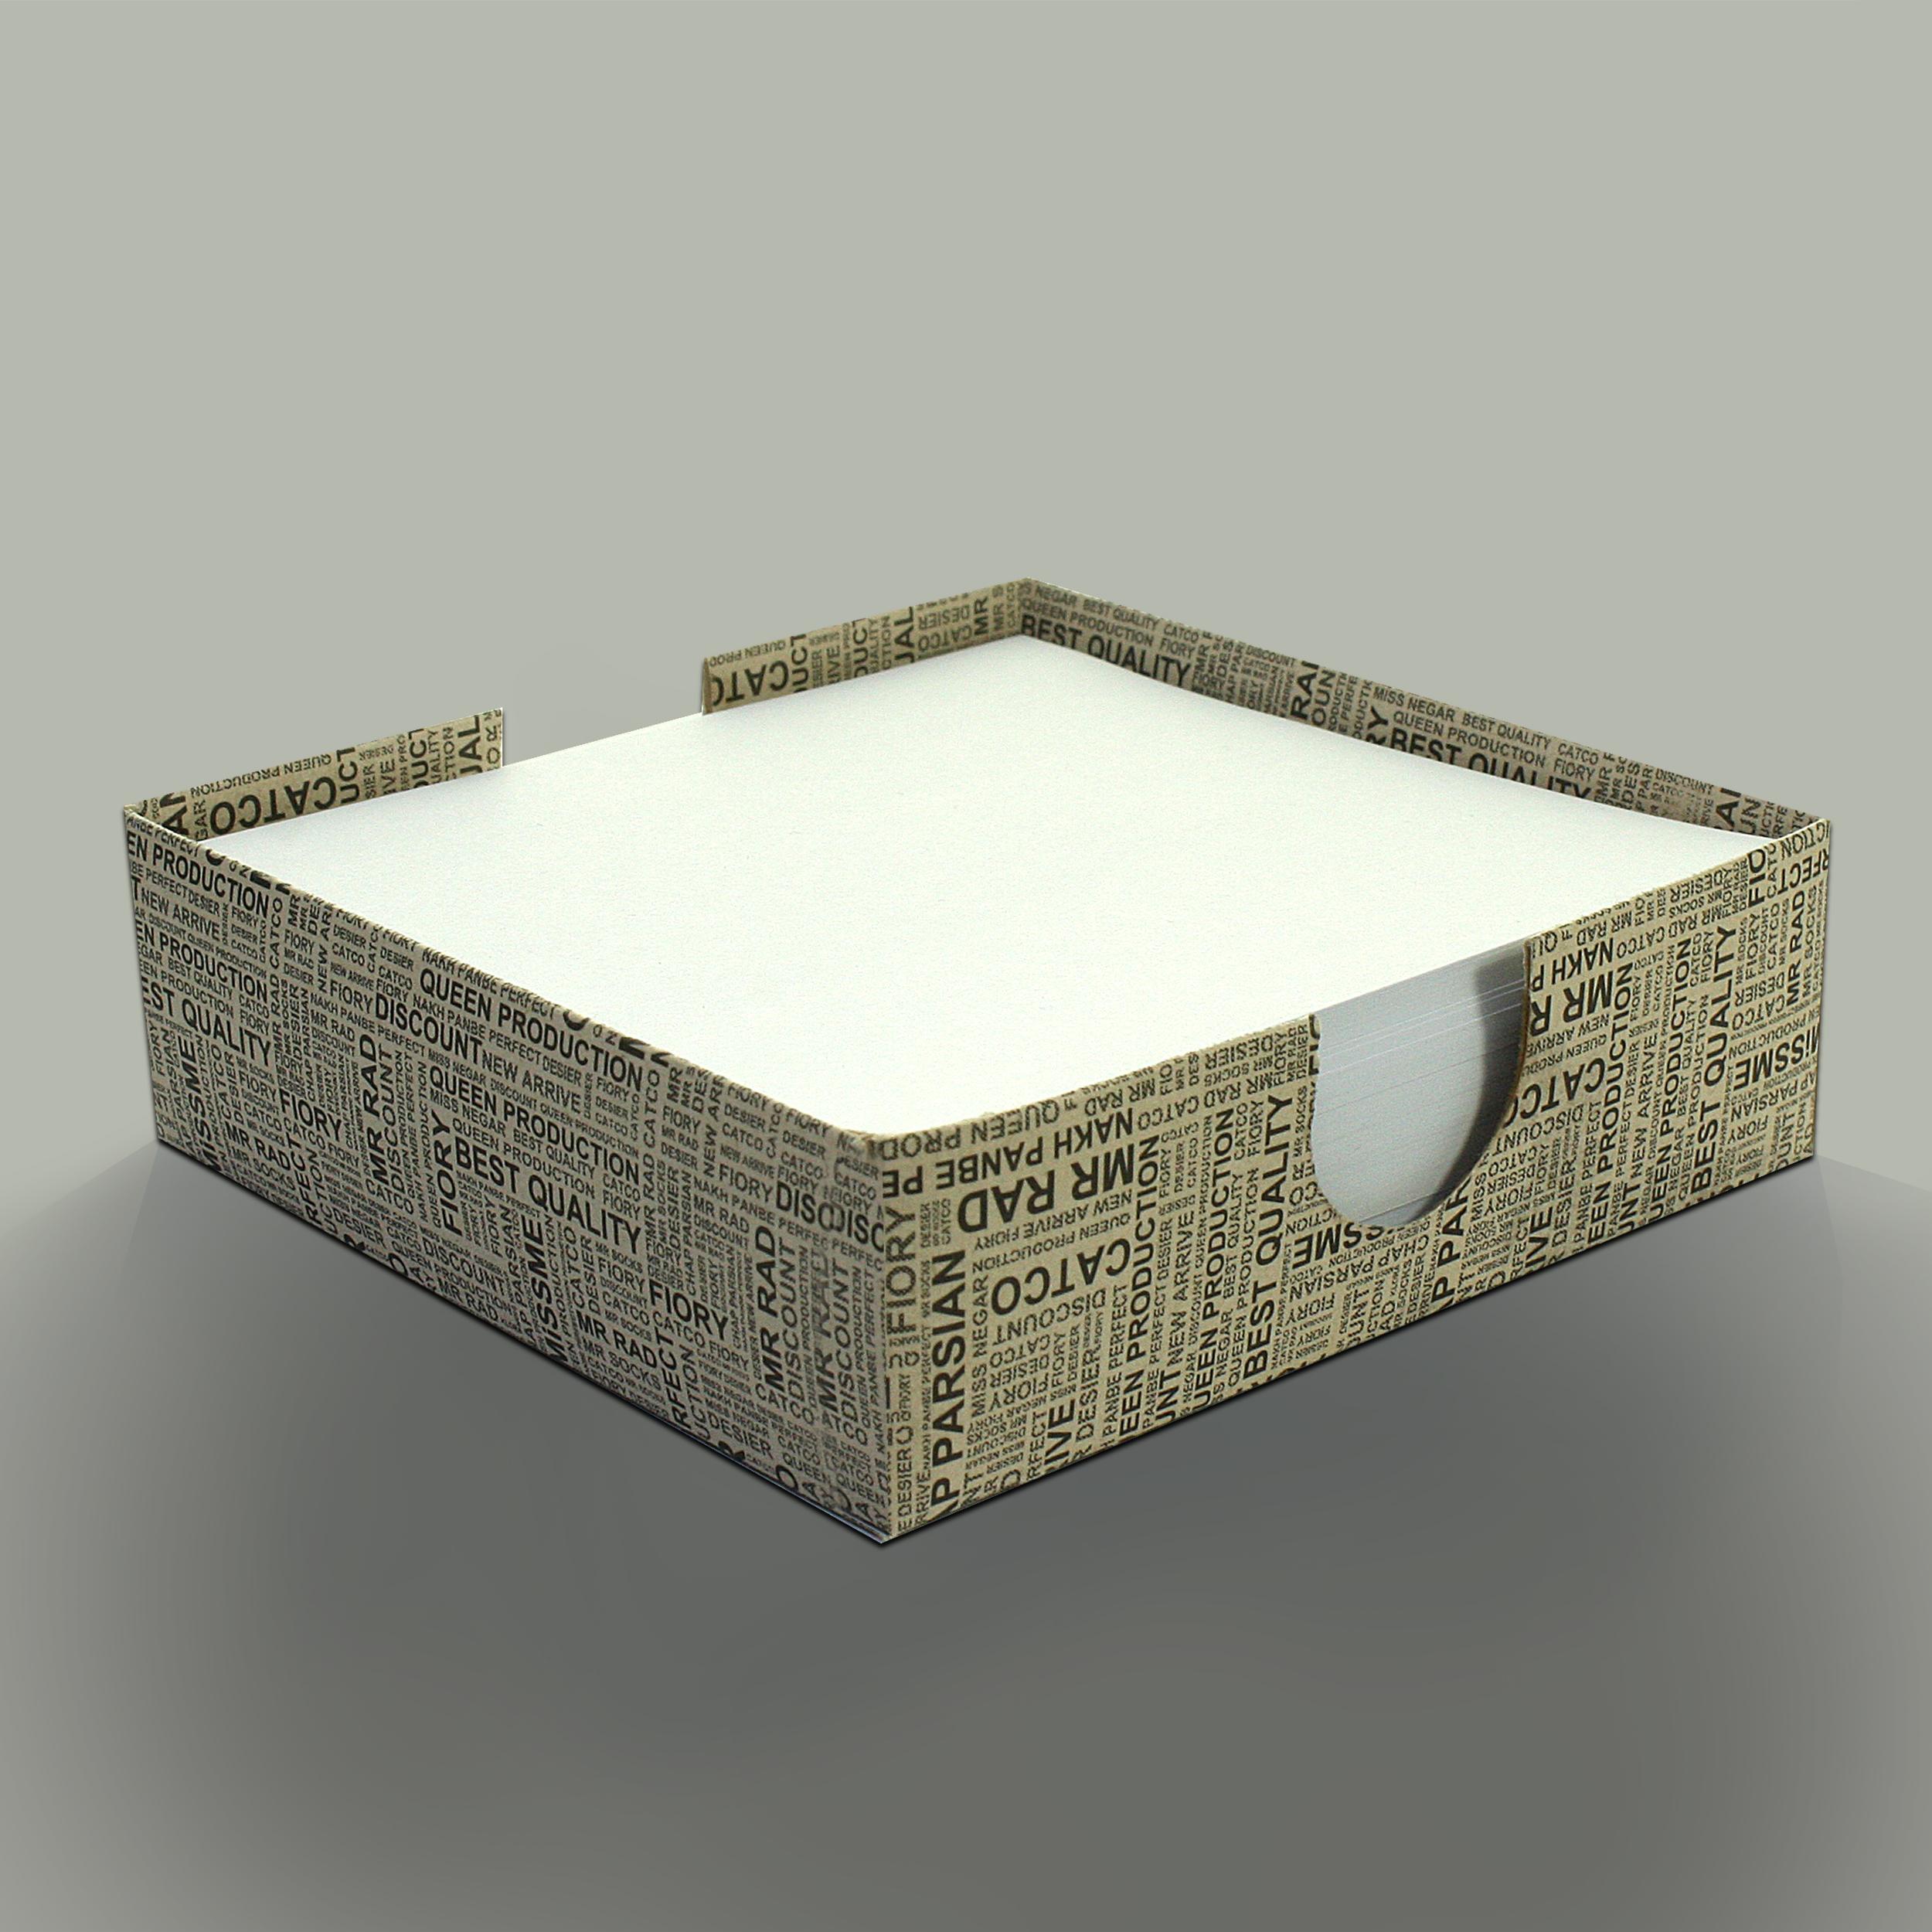 کاغذ یادداشت مستر راد مدل پریاکد W-1035بسته 200 عددی main 1 11